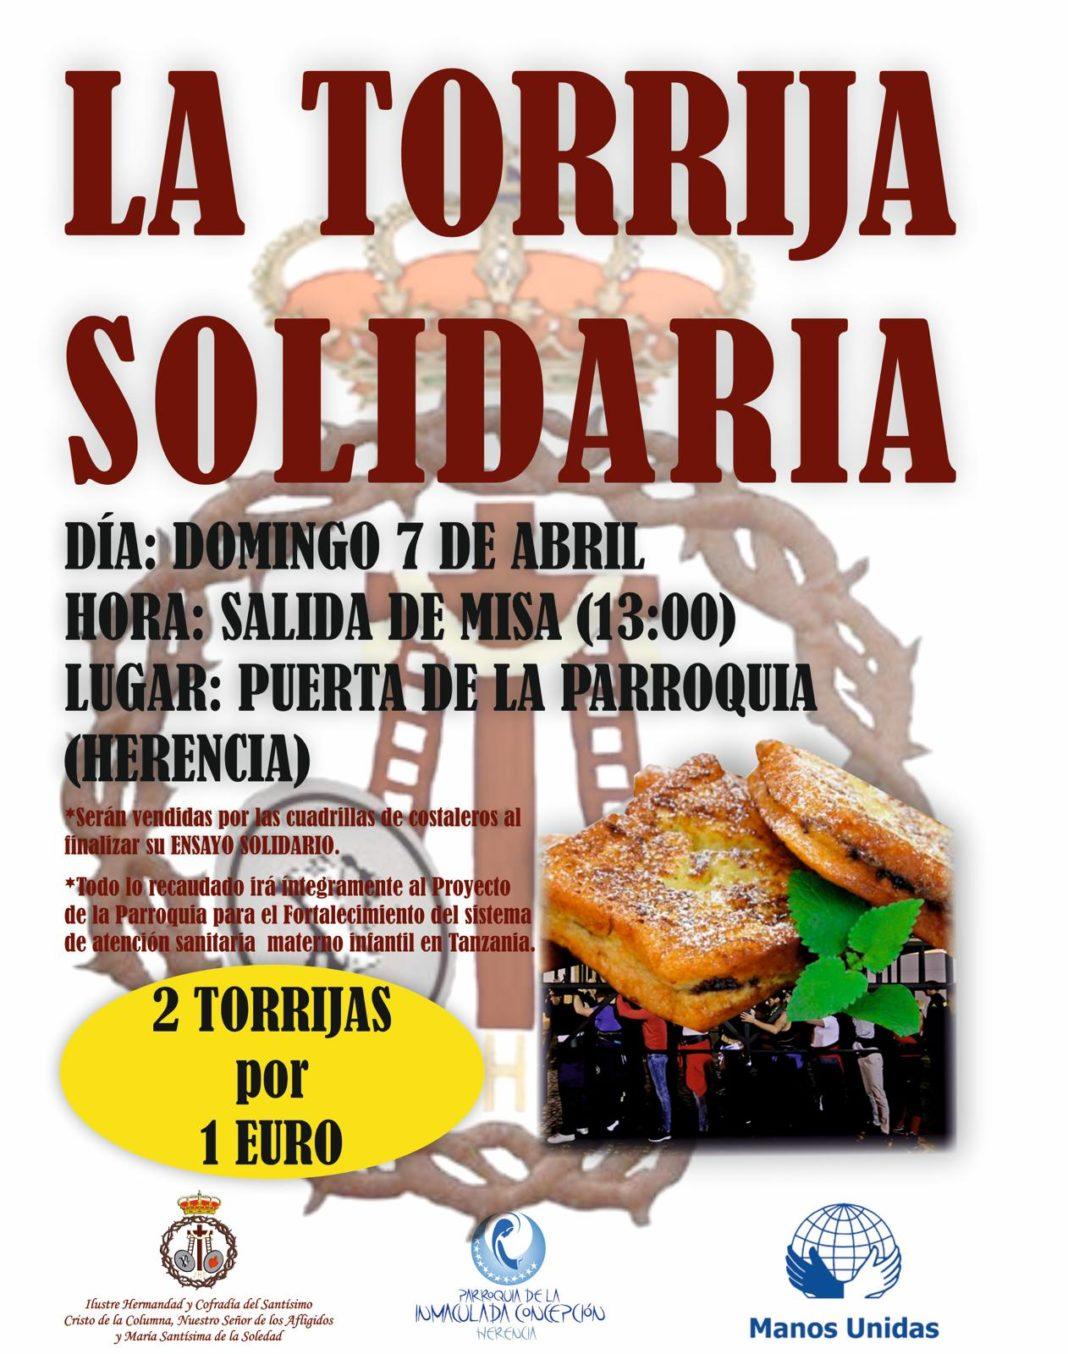 Los costaleros de El Santo realizarán un ensayo solidario con venta de torrijas 2